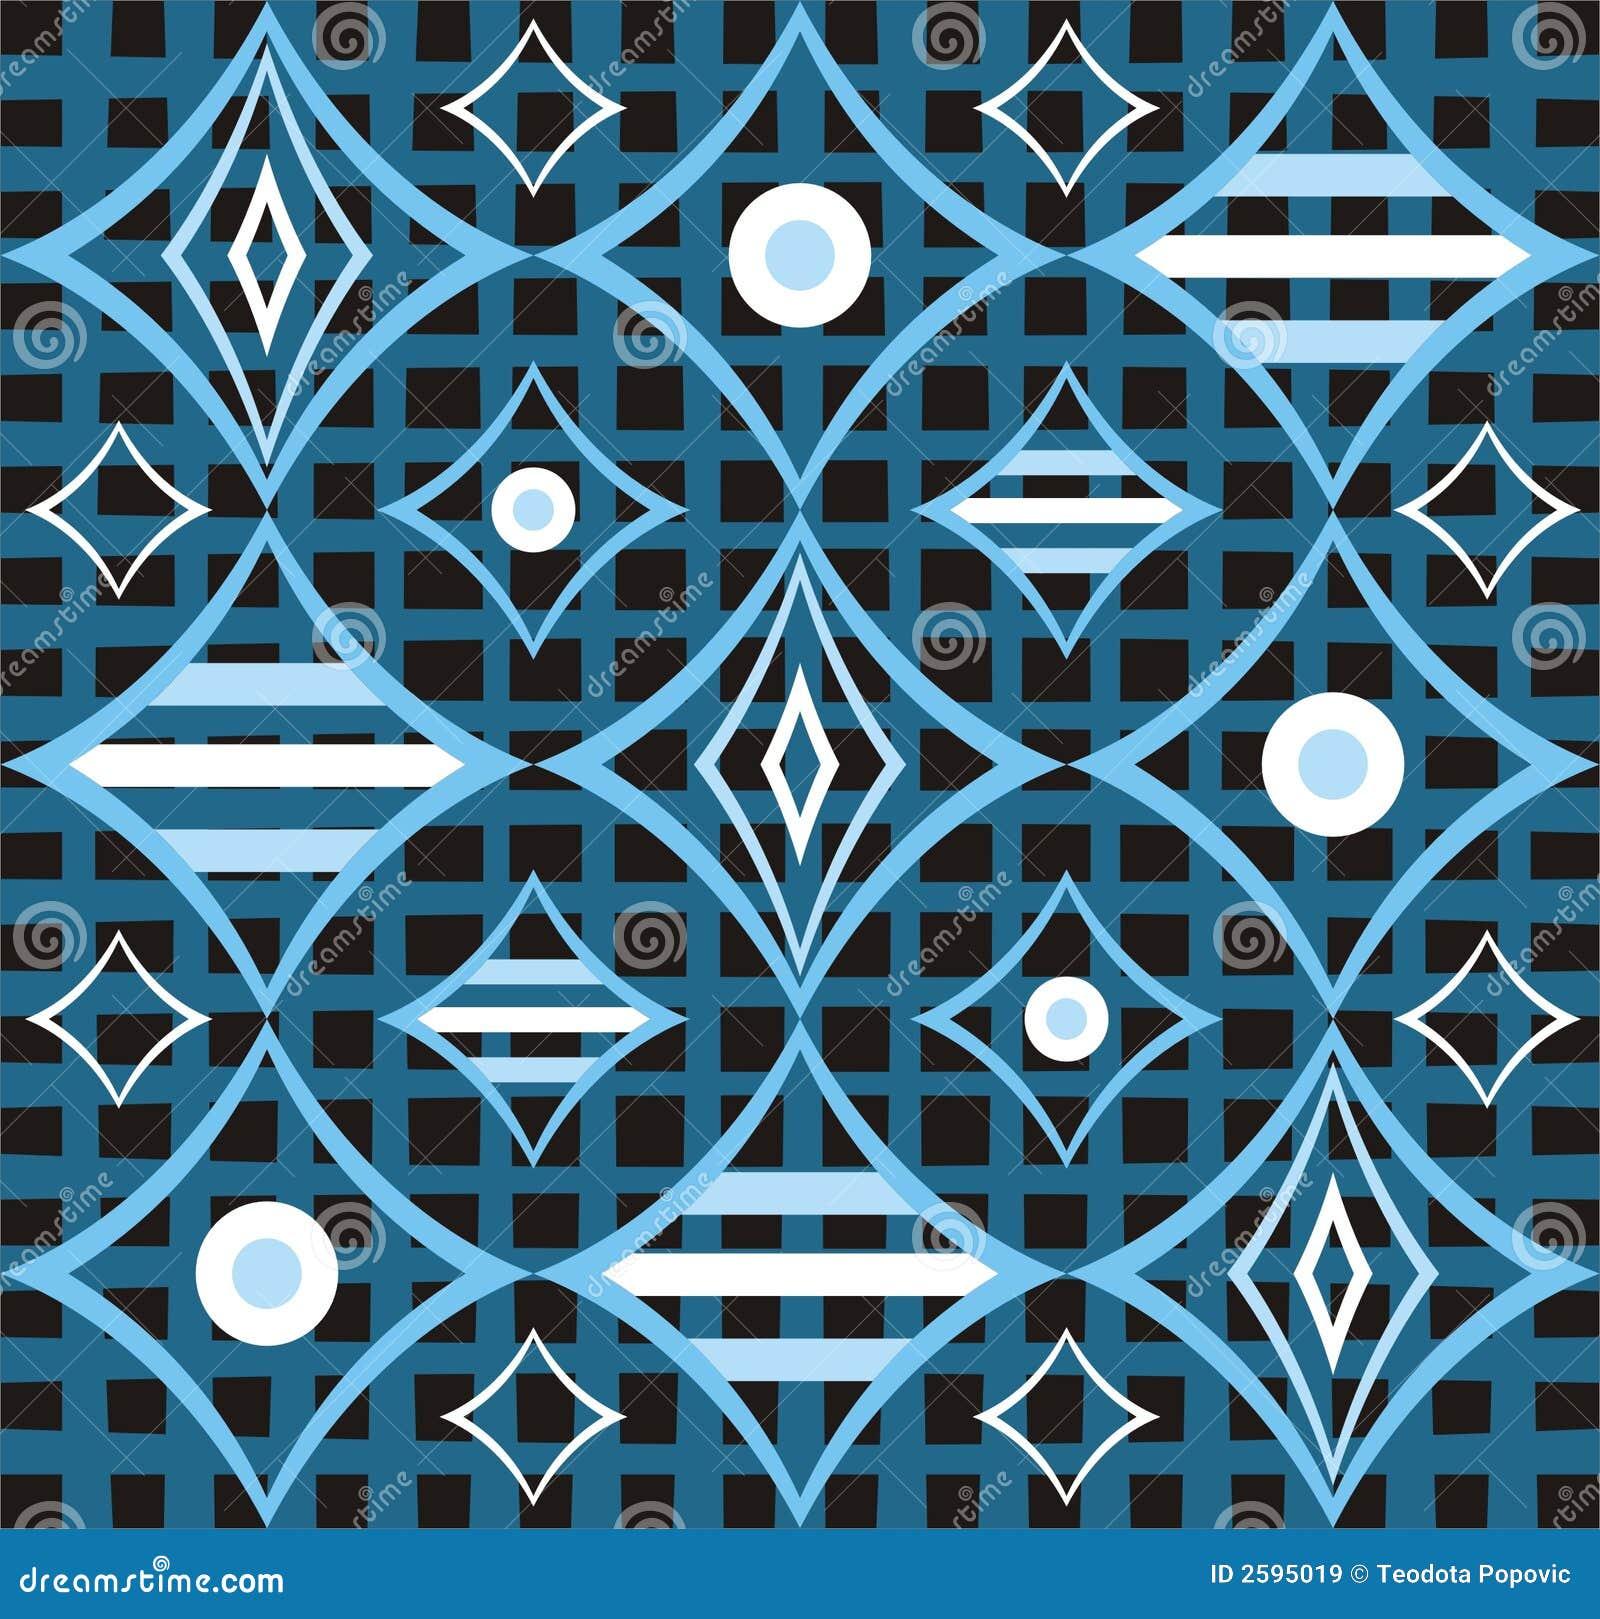 Niebieski abstrakcyjne retro projektu